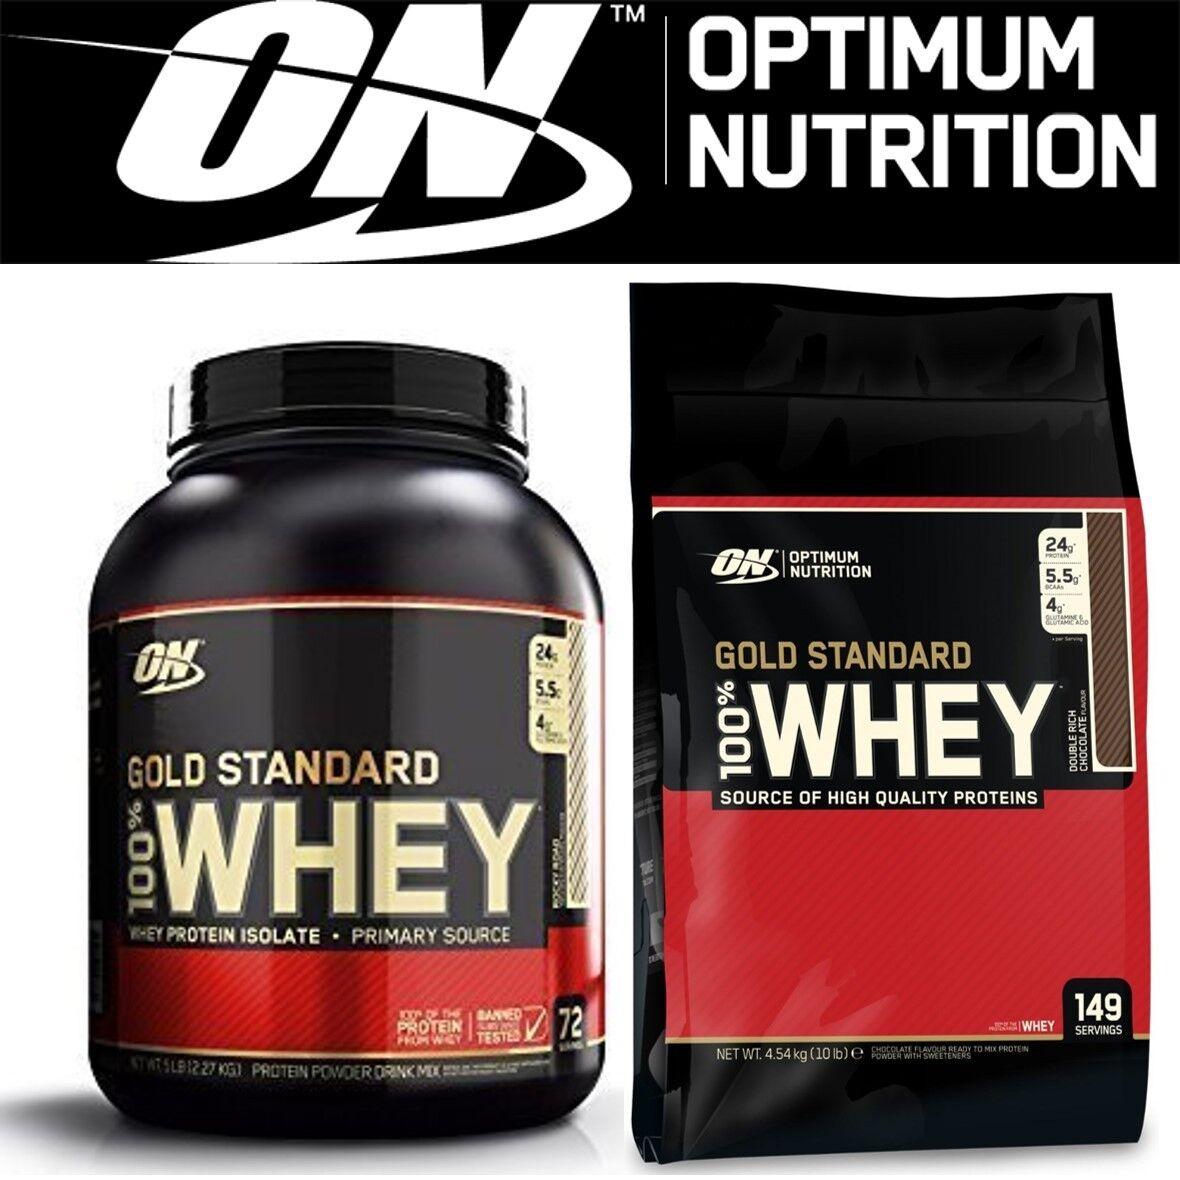 Optimum Nutrition 100% Gold Standard Whey Protein Powder - All Größes & Flavours